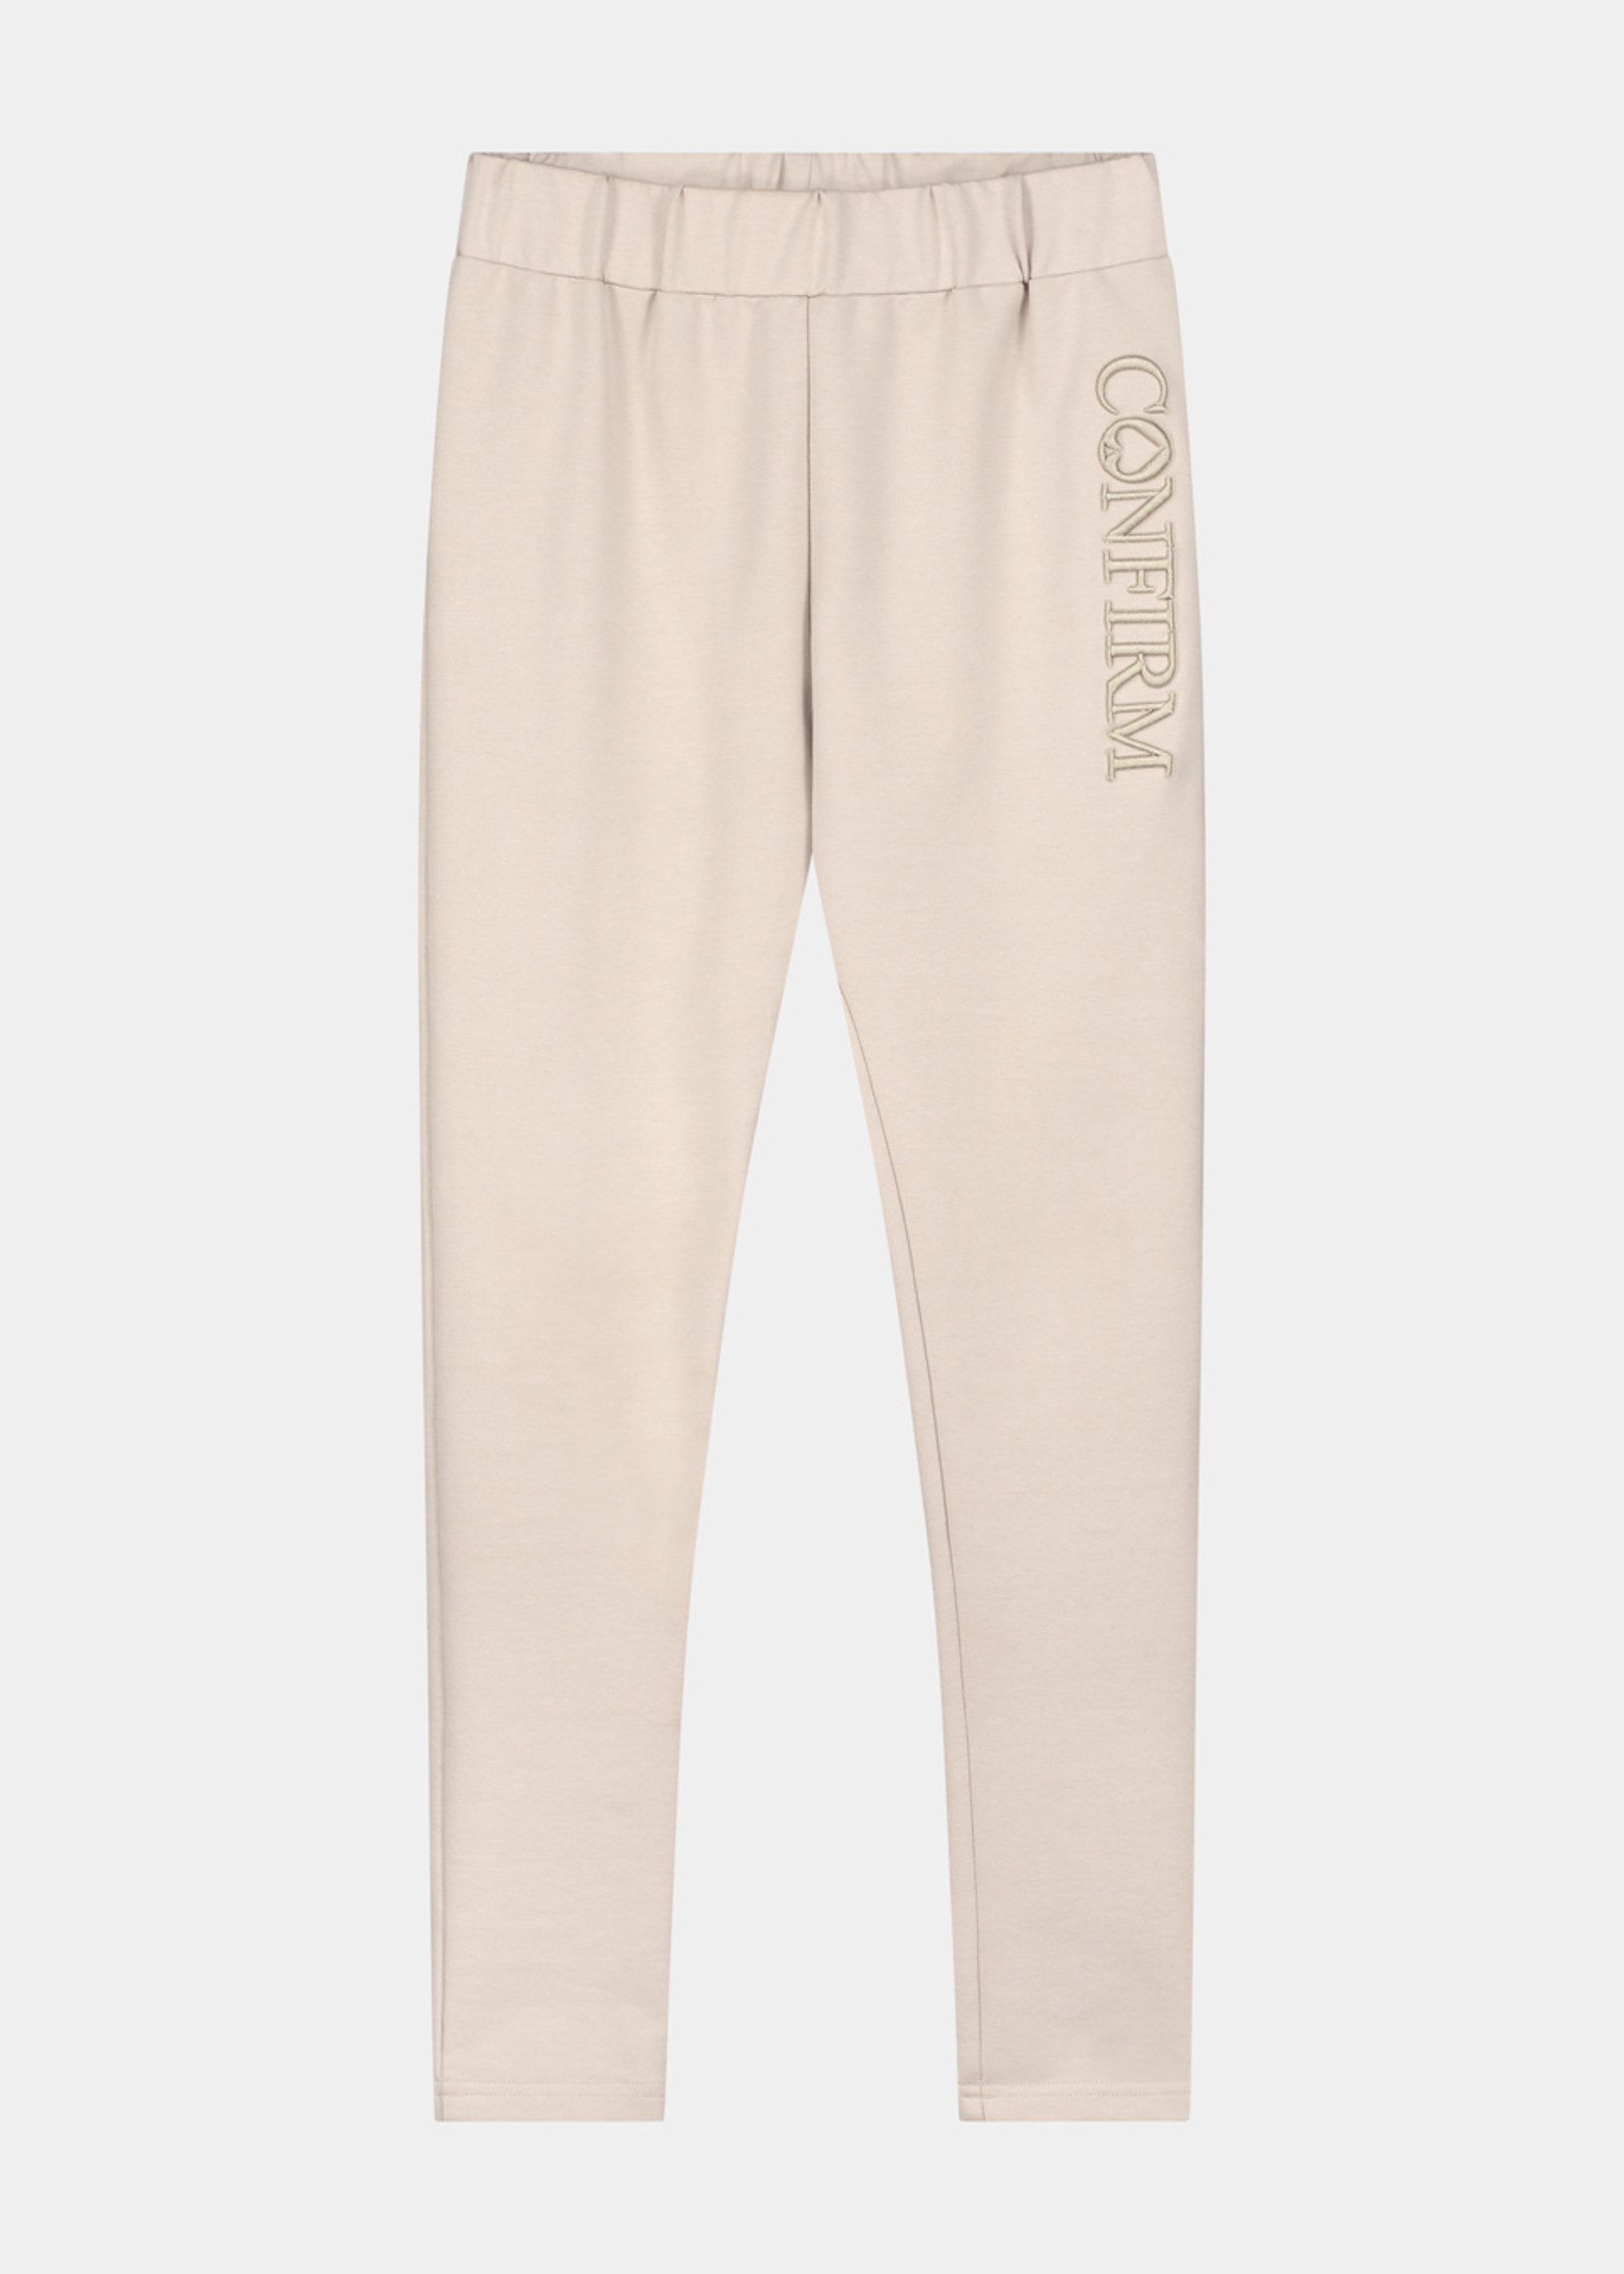 Confirm Caramella legging - sand